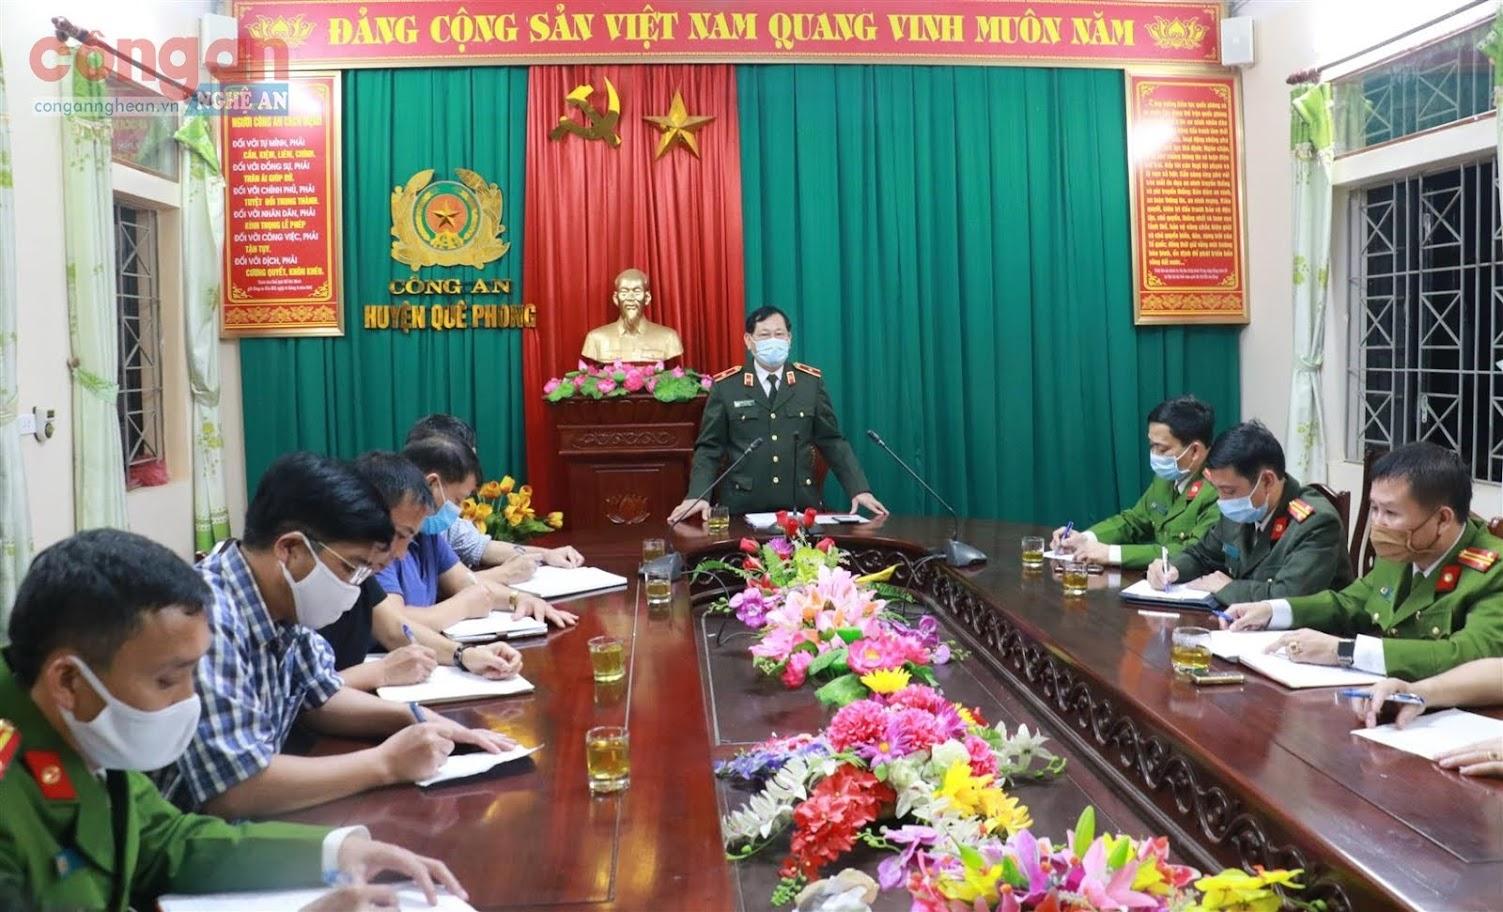 Thiếu tướng Nguyễn Hữu Cầu, Uỷ viên BTV Tỉnh uỷ, Giám đốc Công an tỉnh chỉ đạo các lực lượng nghiệp vụ nhanh chóng vào cuộc điều tra, truy bắt nhóm đối tượng ma tuý này